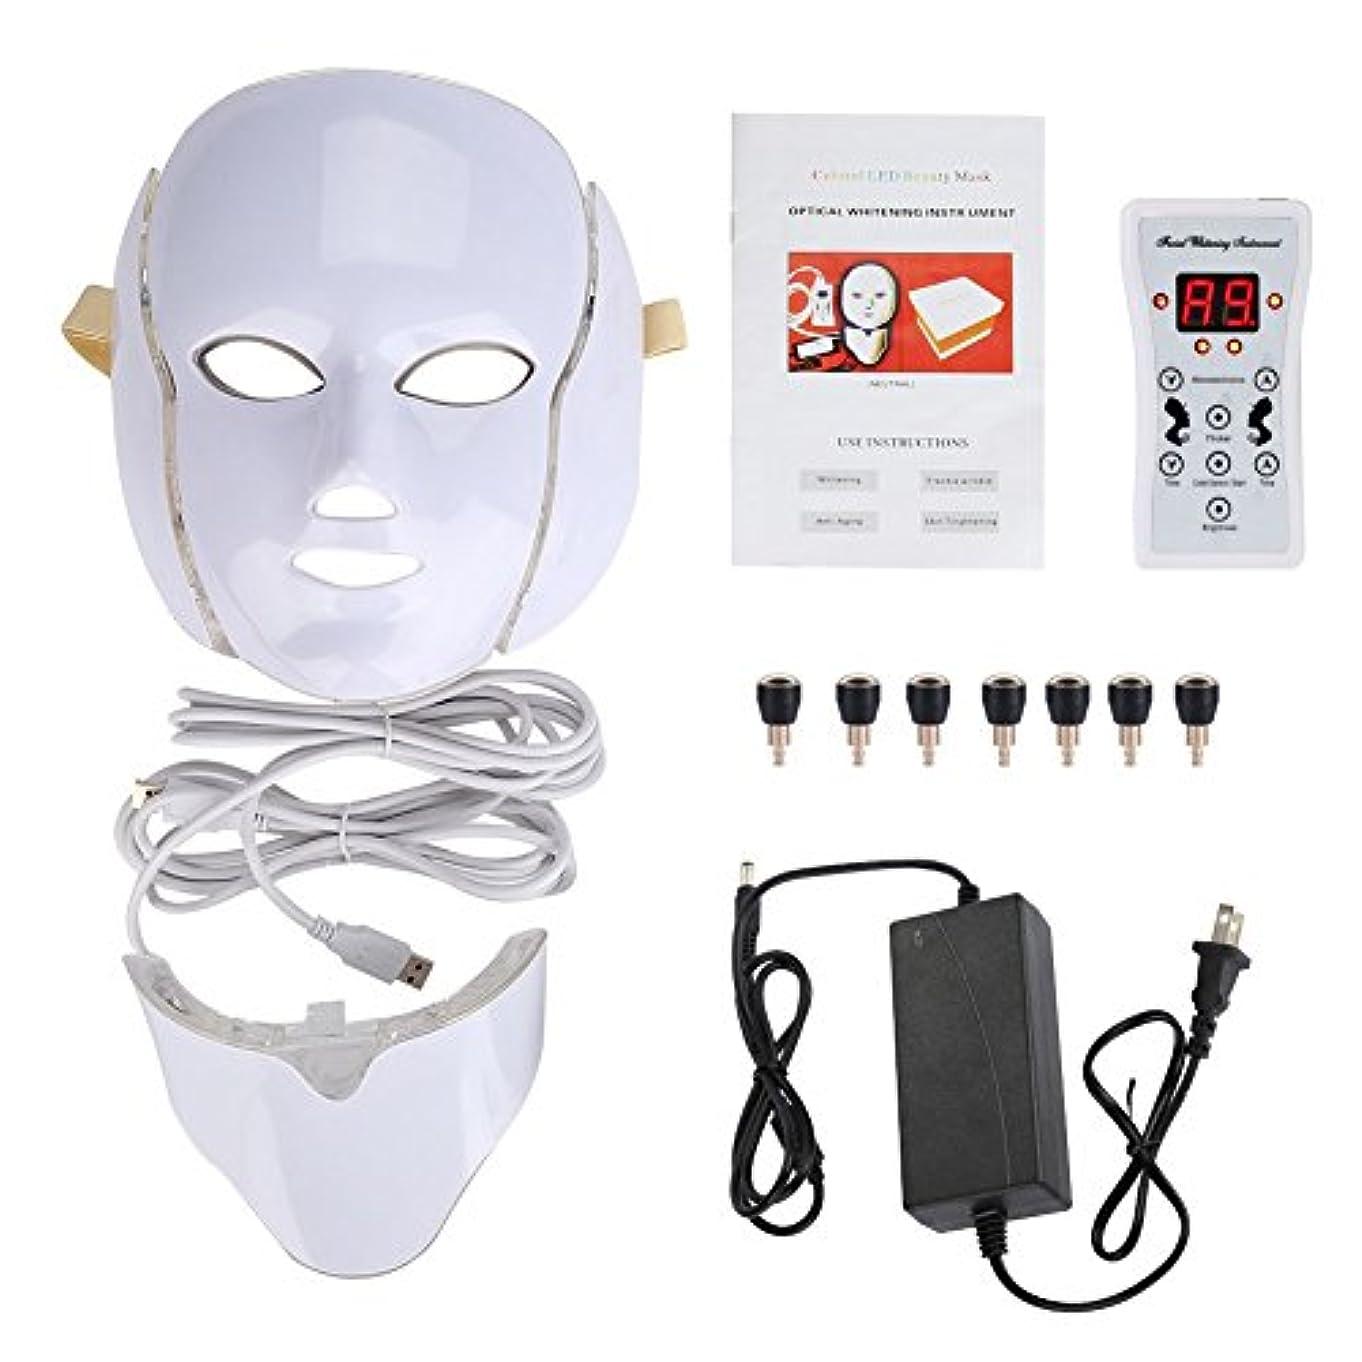 加入合意謎顔の肌の若返りマッサージ、7色のスキンケア美容マスクツール顔の肌のしわ除去&首の肌を引き締めトリートメントボディケアツールFDA承認(白)